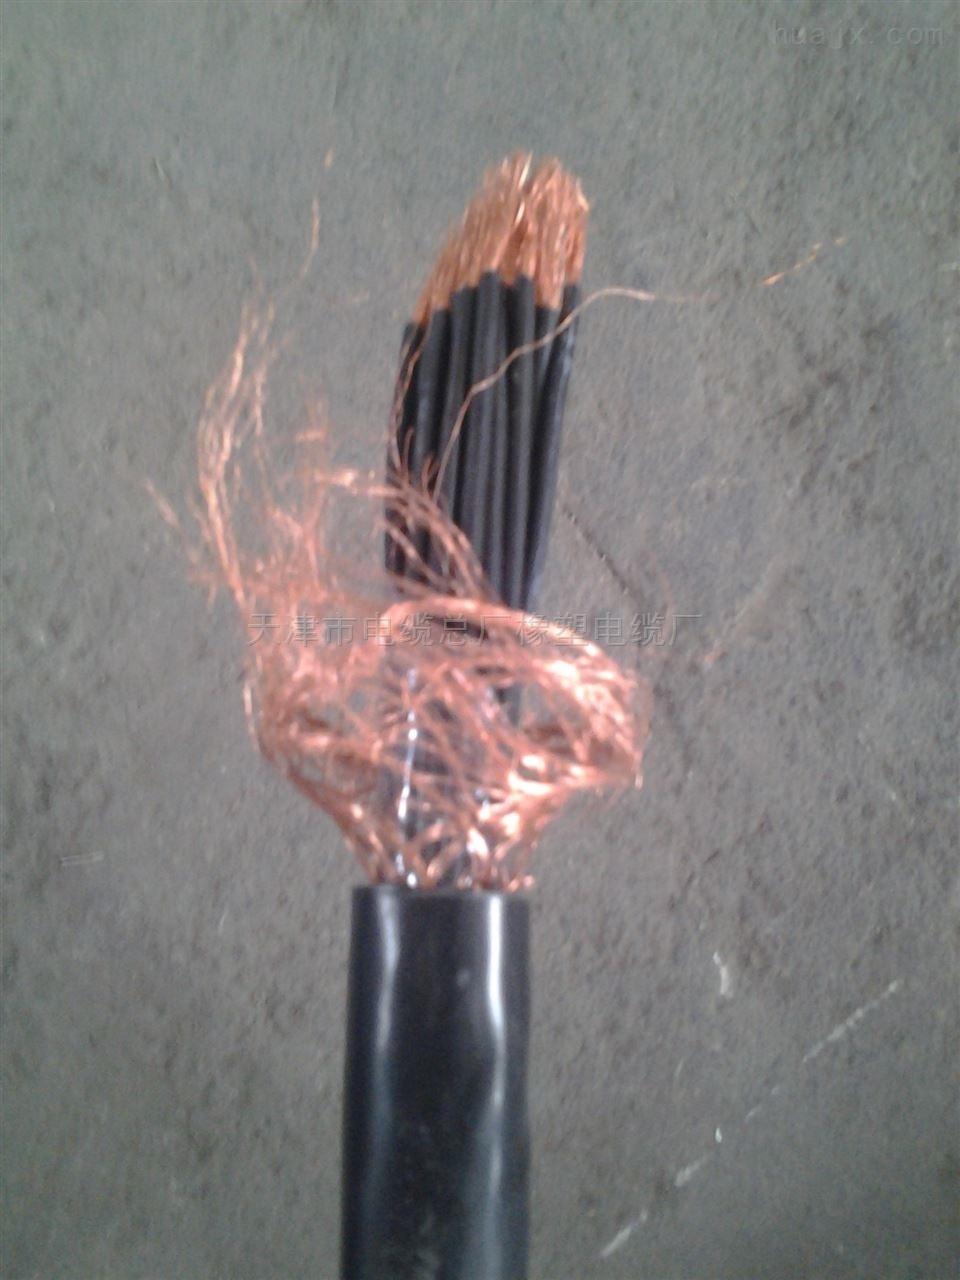 矿用防爆橡套电缆1140V 通州同轴电缆 价格